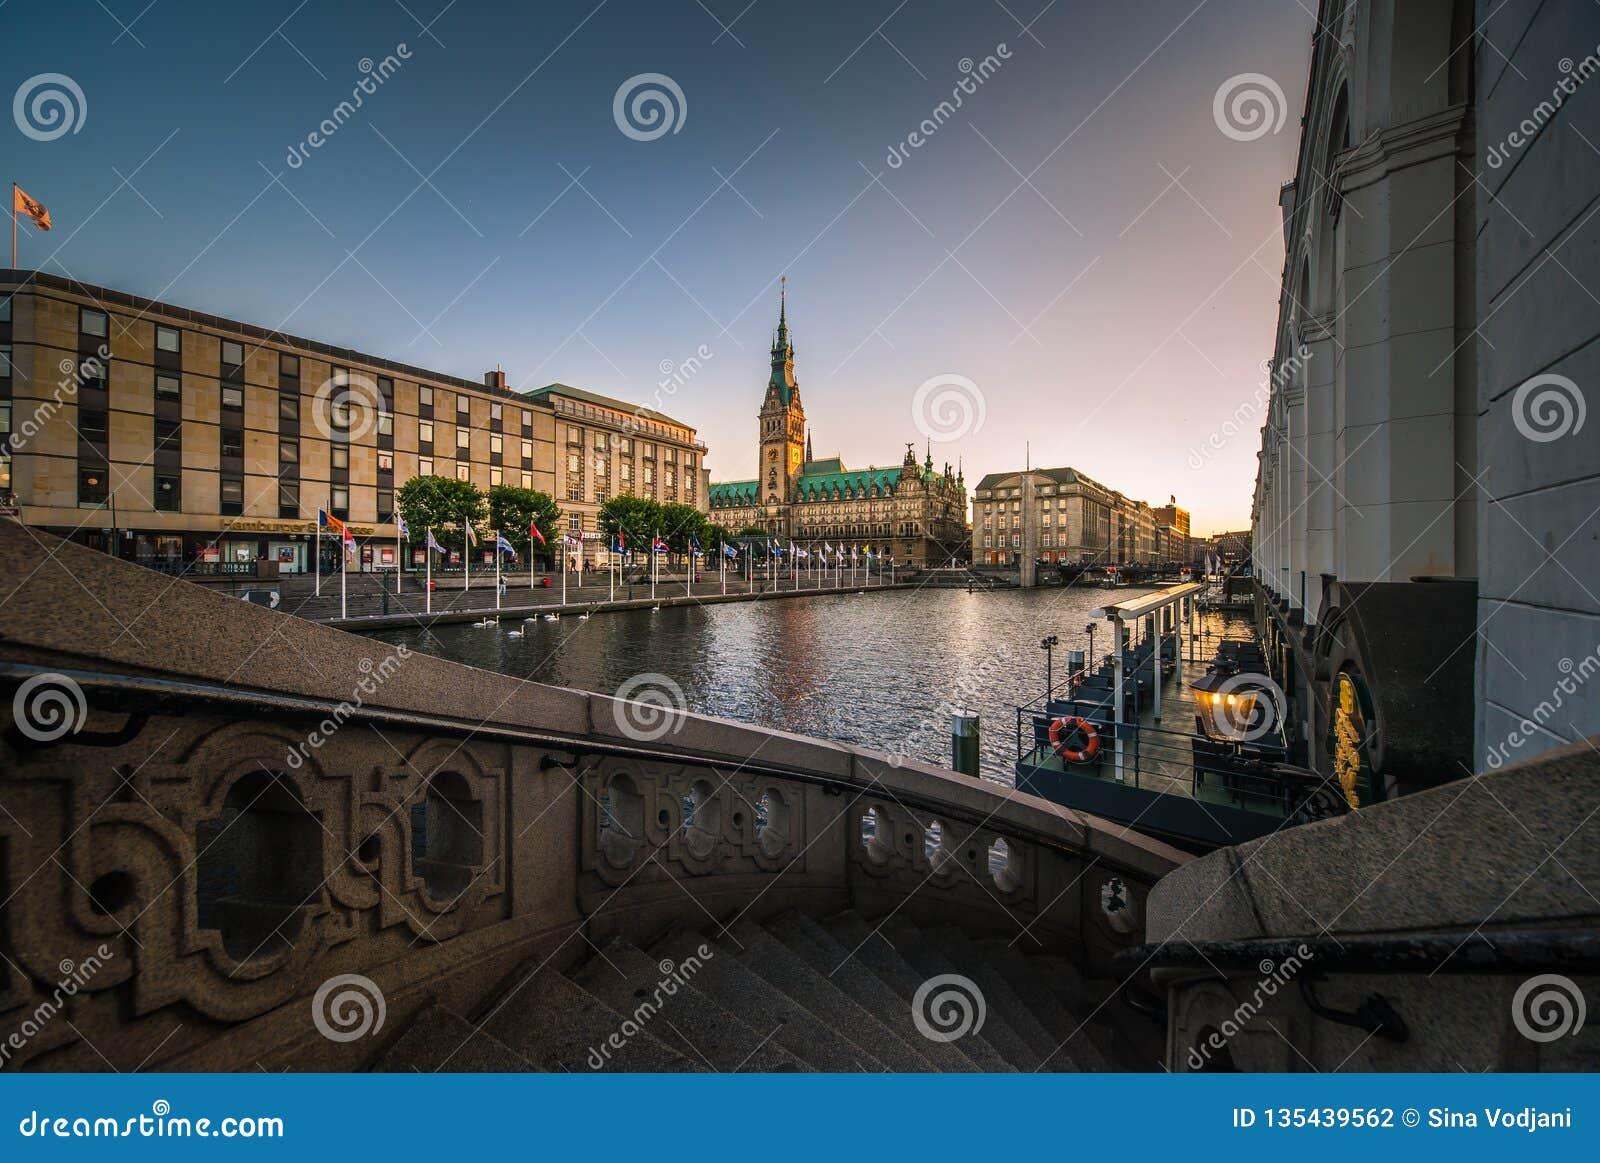 Panorama del ayuntamiento de Hamburgo Rathaus